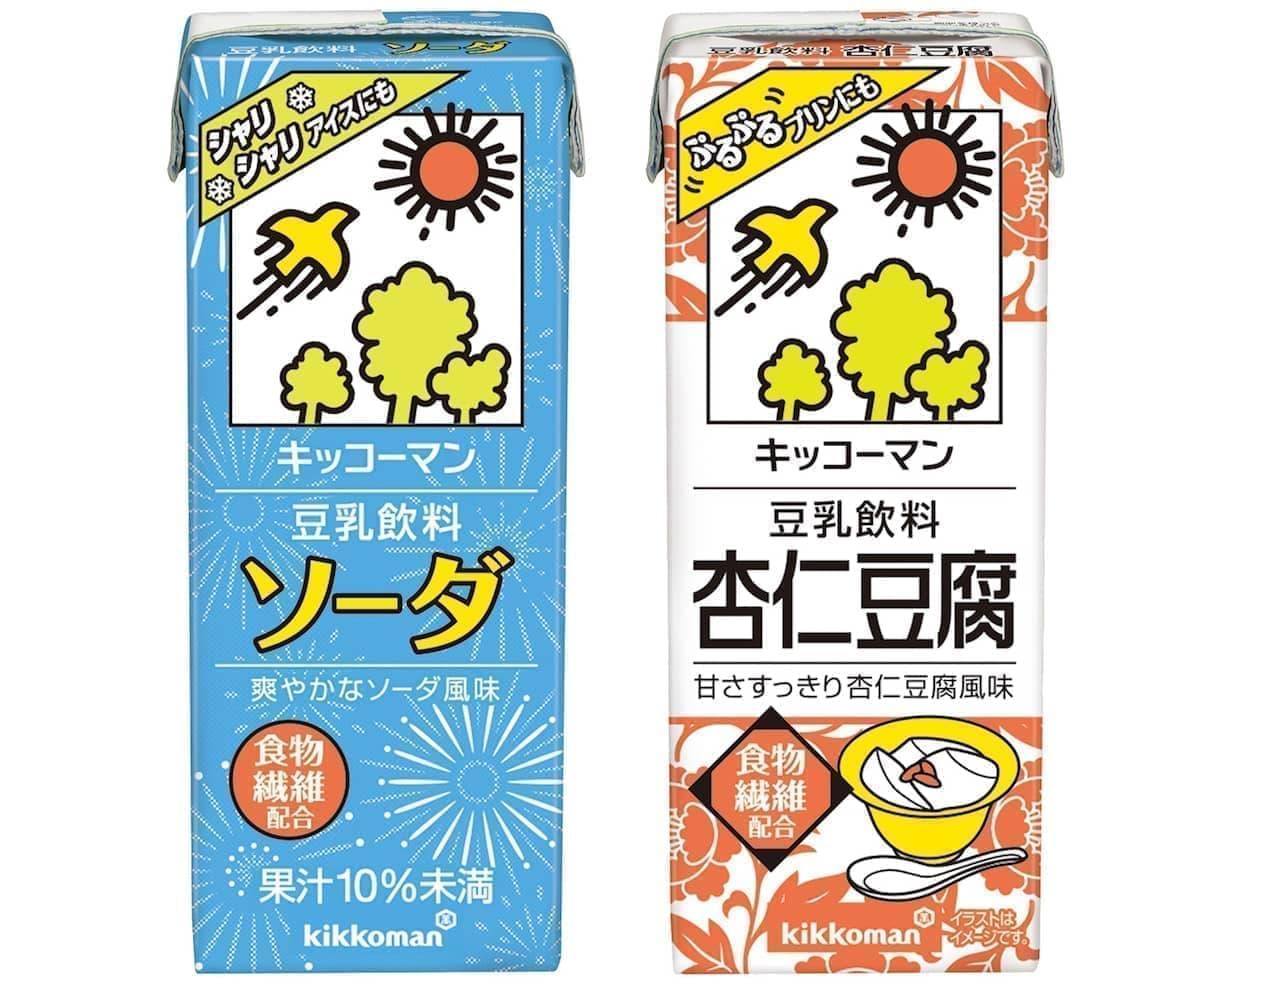 キッコーマン新作豆乳「キッコーマン 豆乳飲料 ソーダ」と「キッコーマン 豆乳飲料 杏仁豆腐」